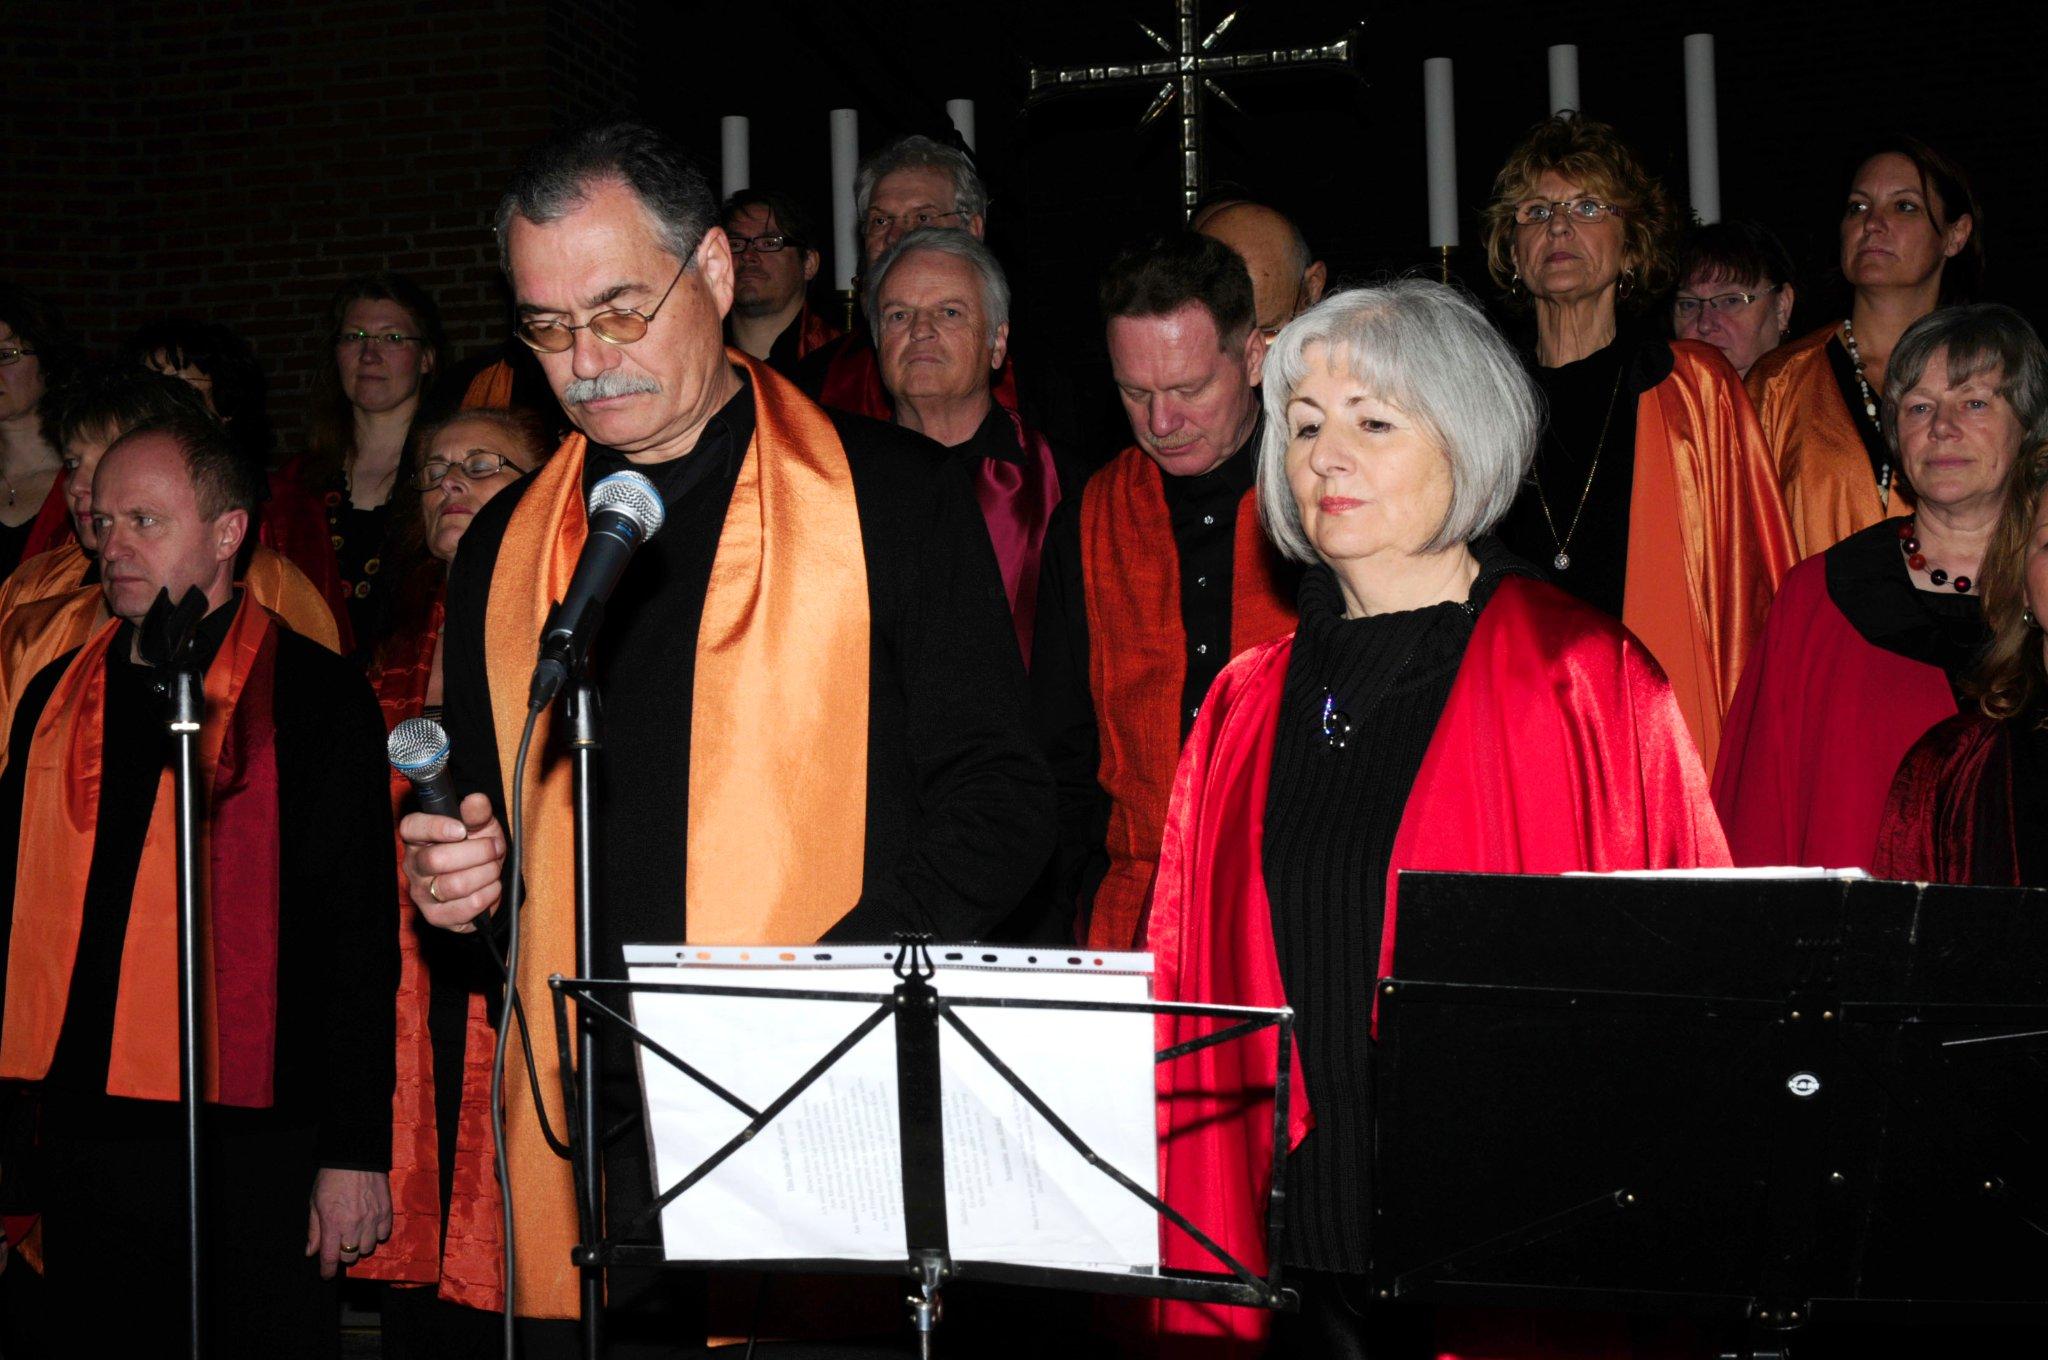 20120422 Reformations Gedaechtniskirche 051